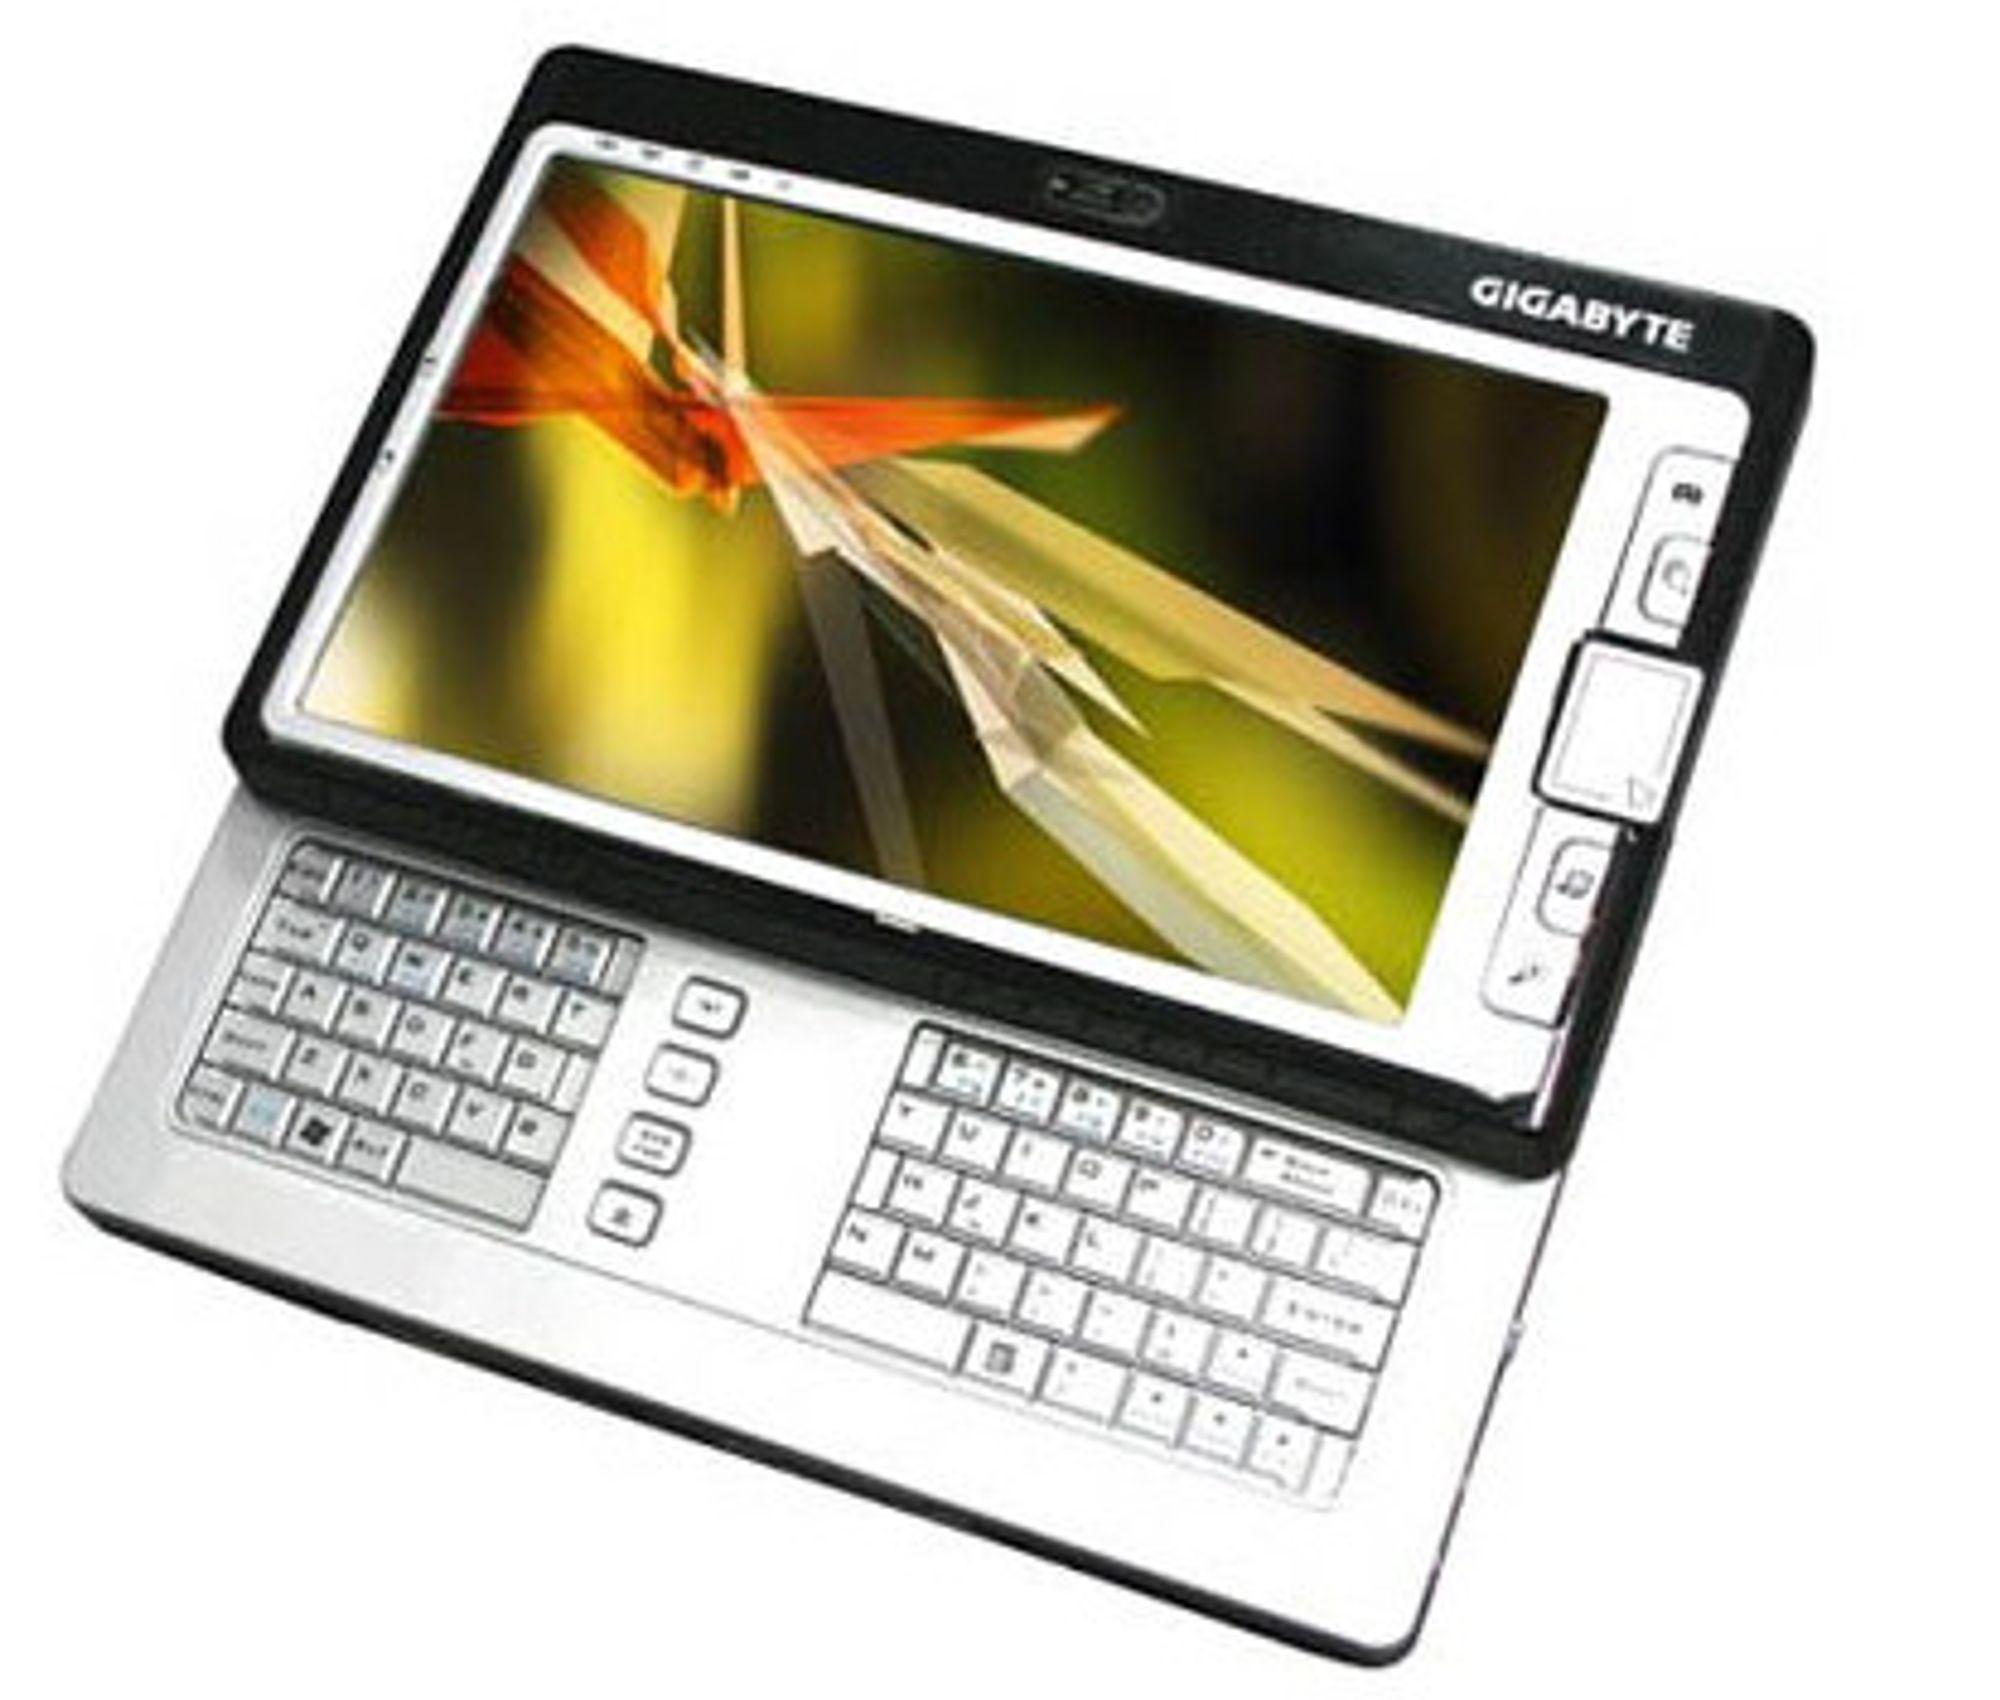 Bildet viser Gigabytes UMPC, M704